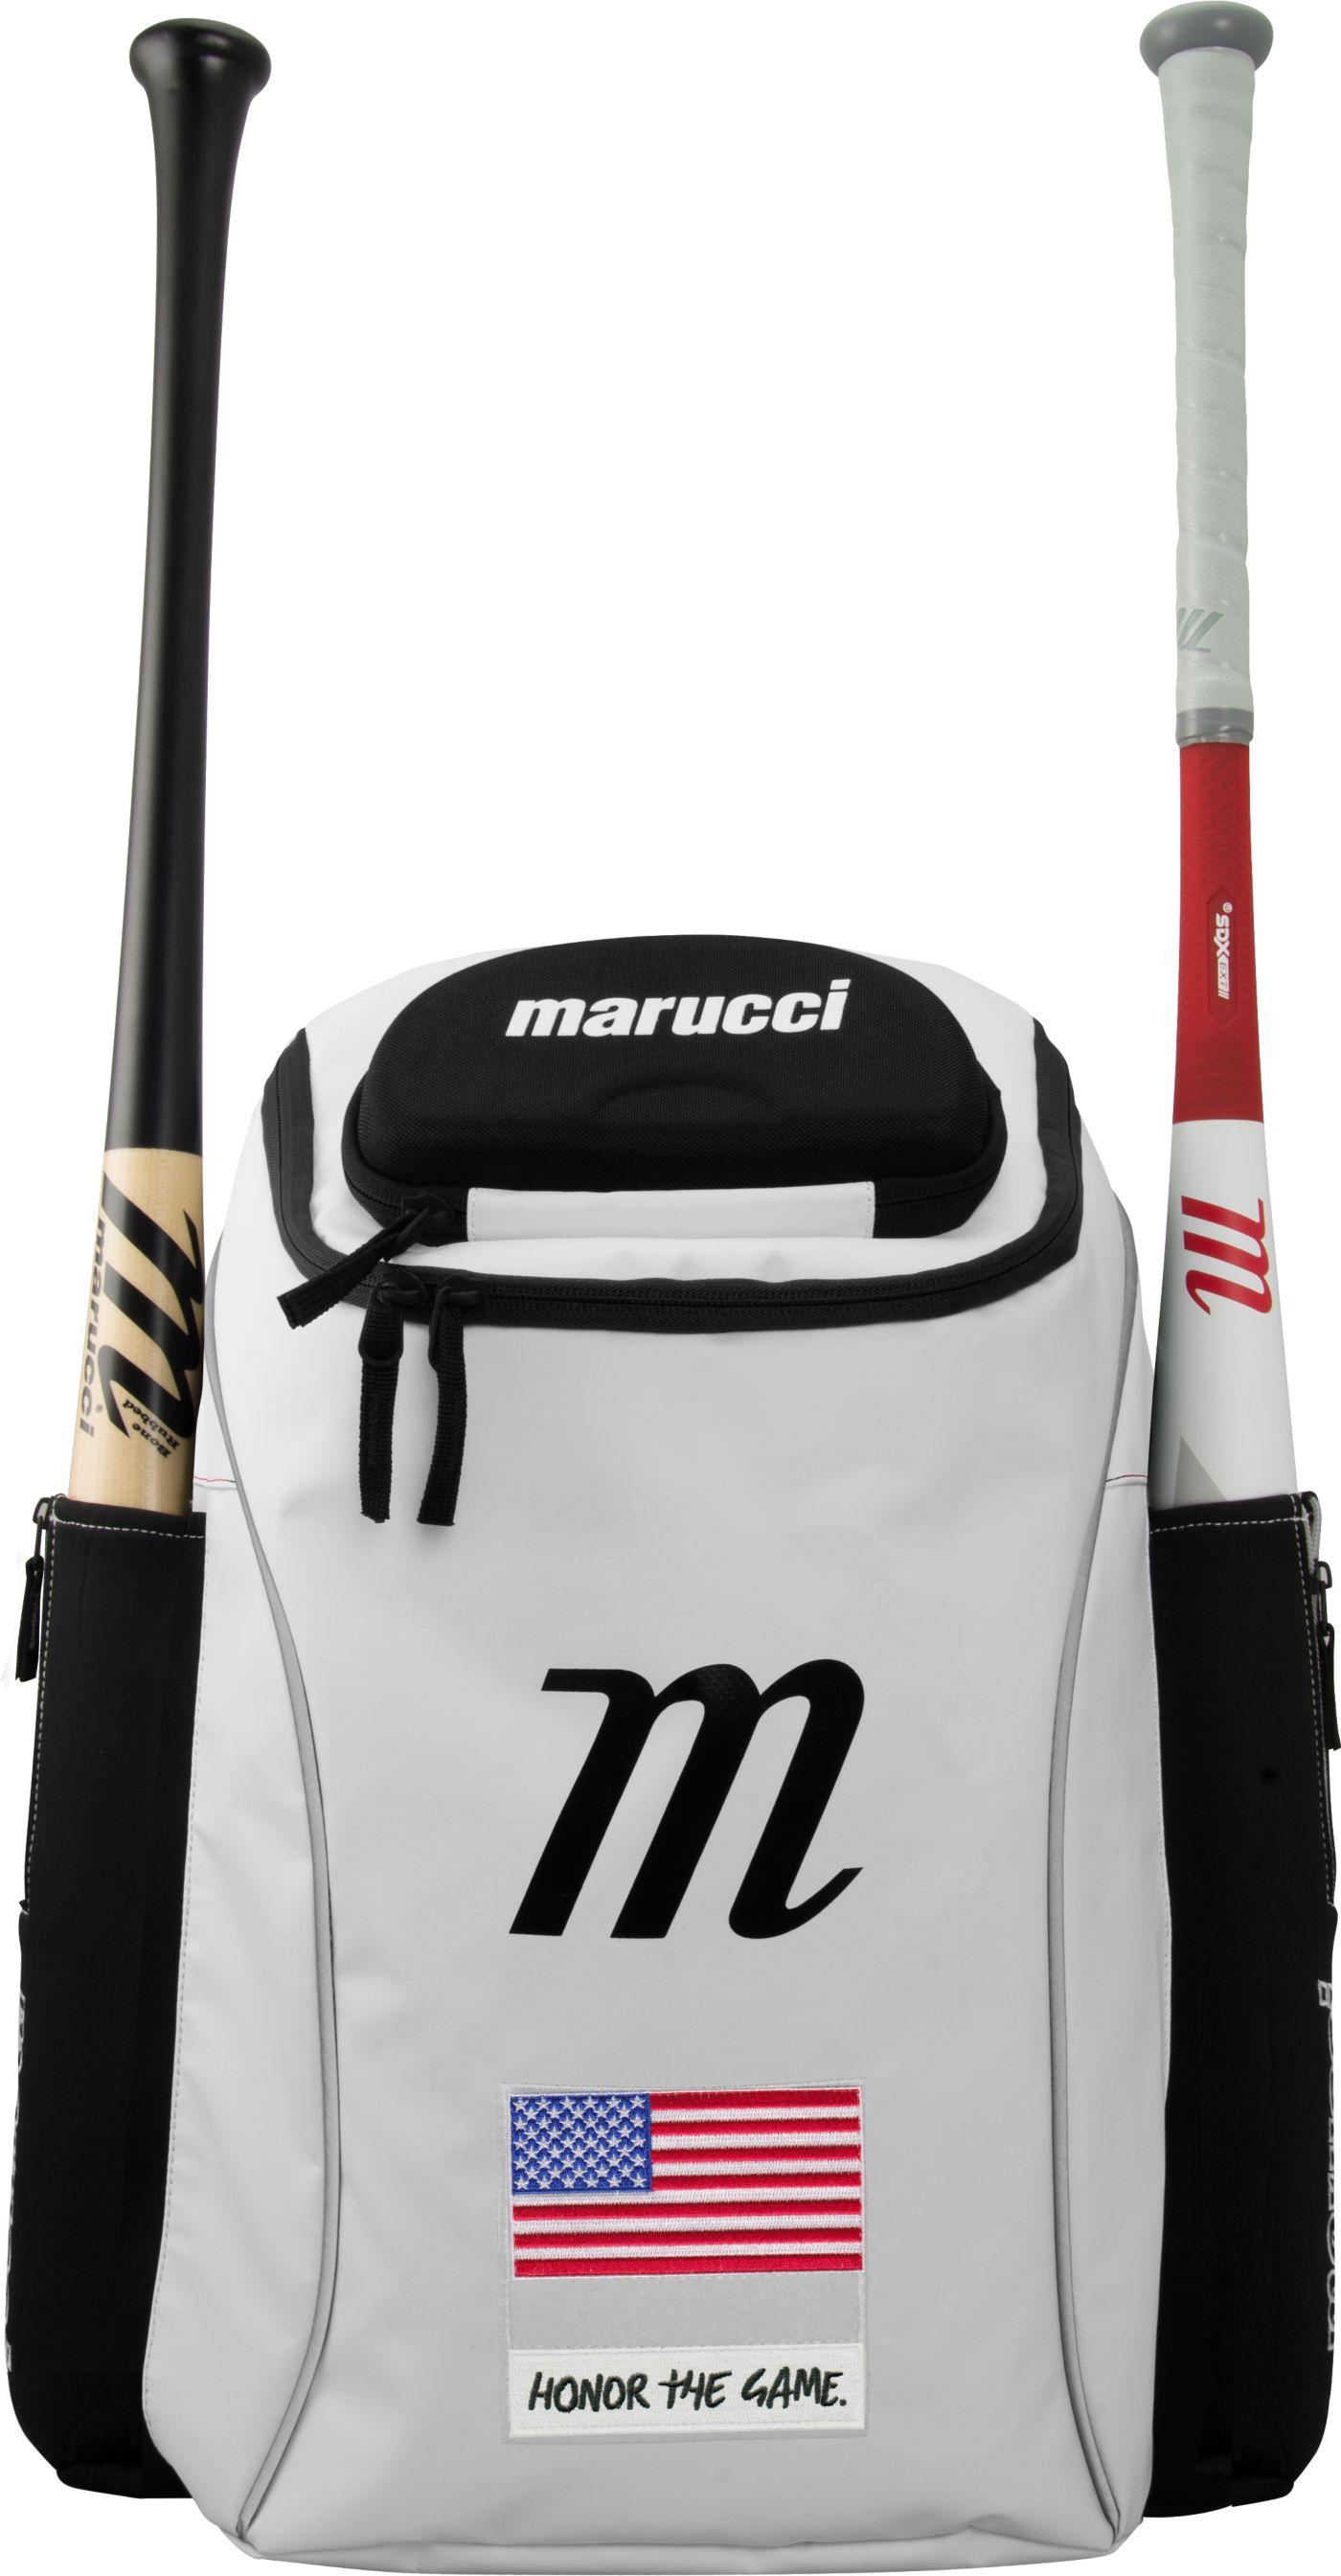 Marucci Trooper Bat Pack